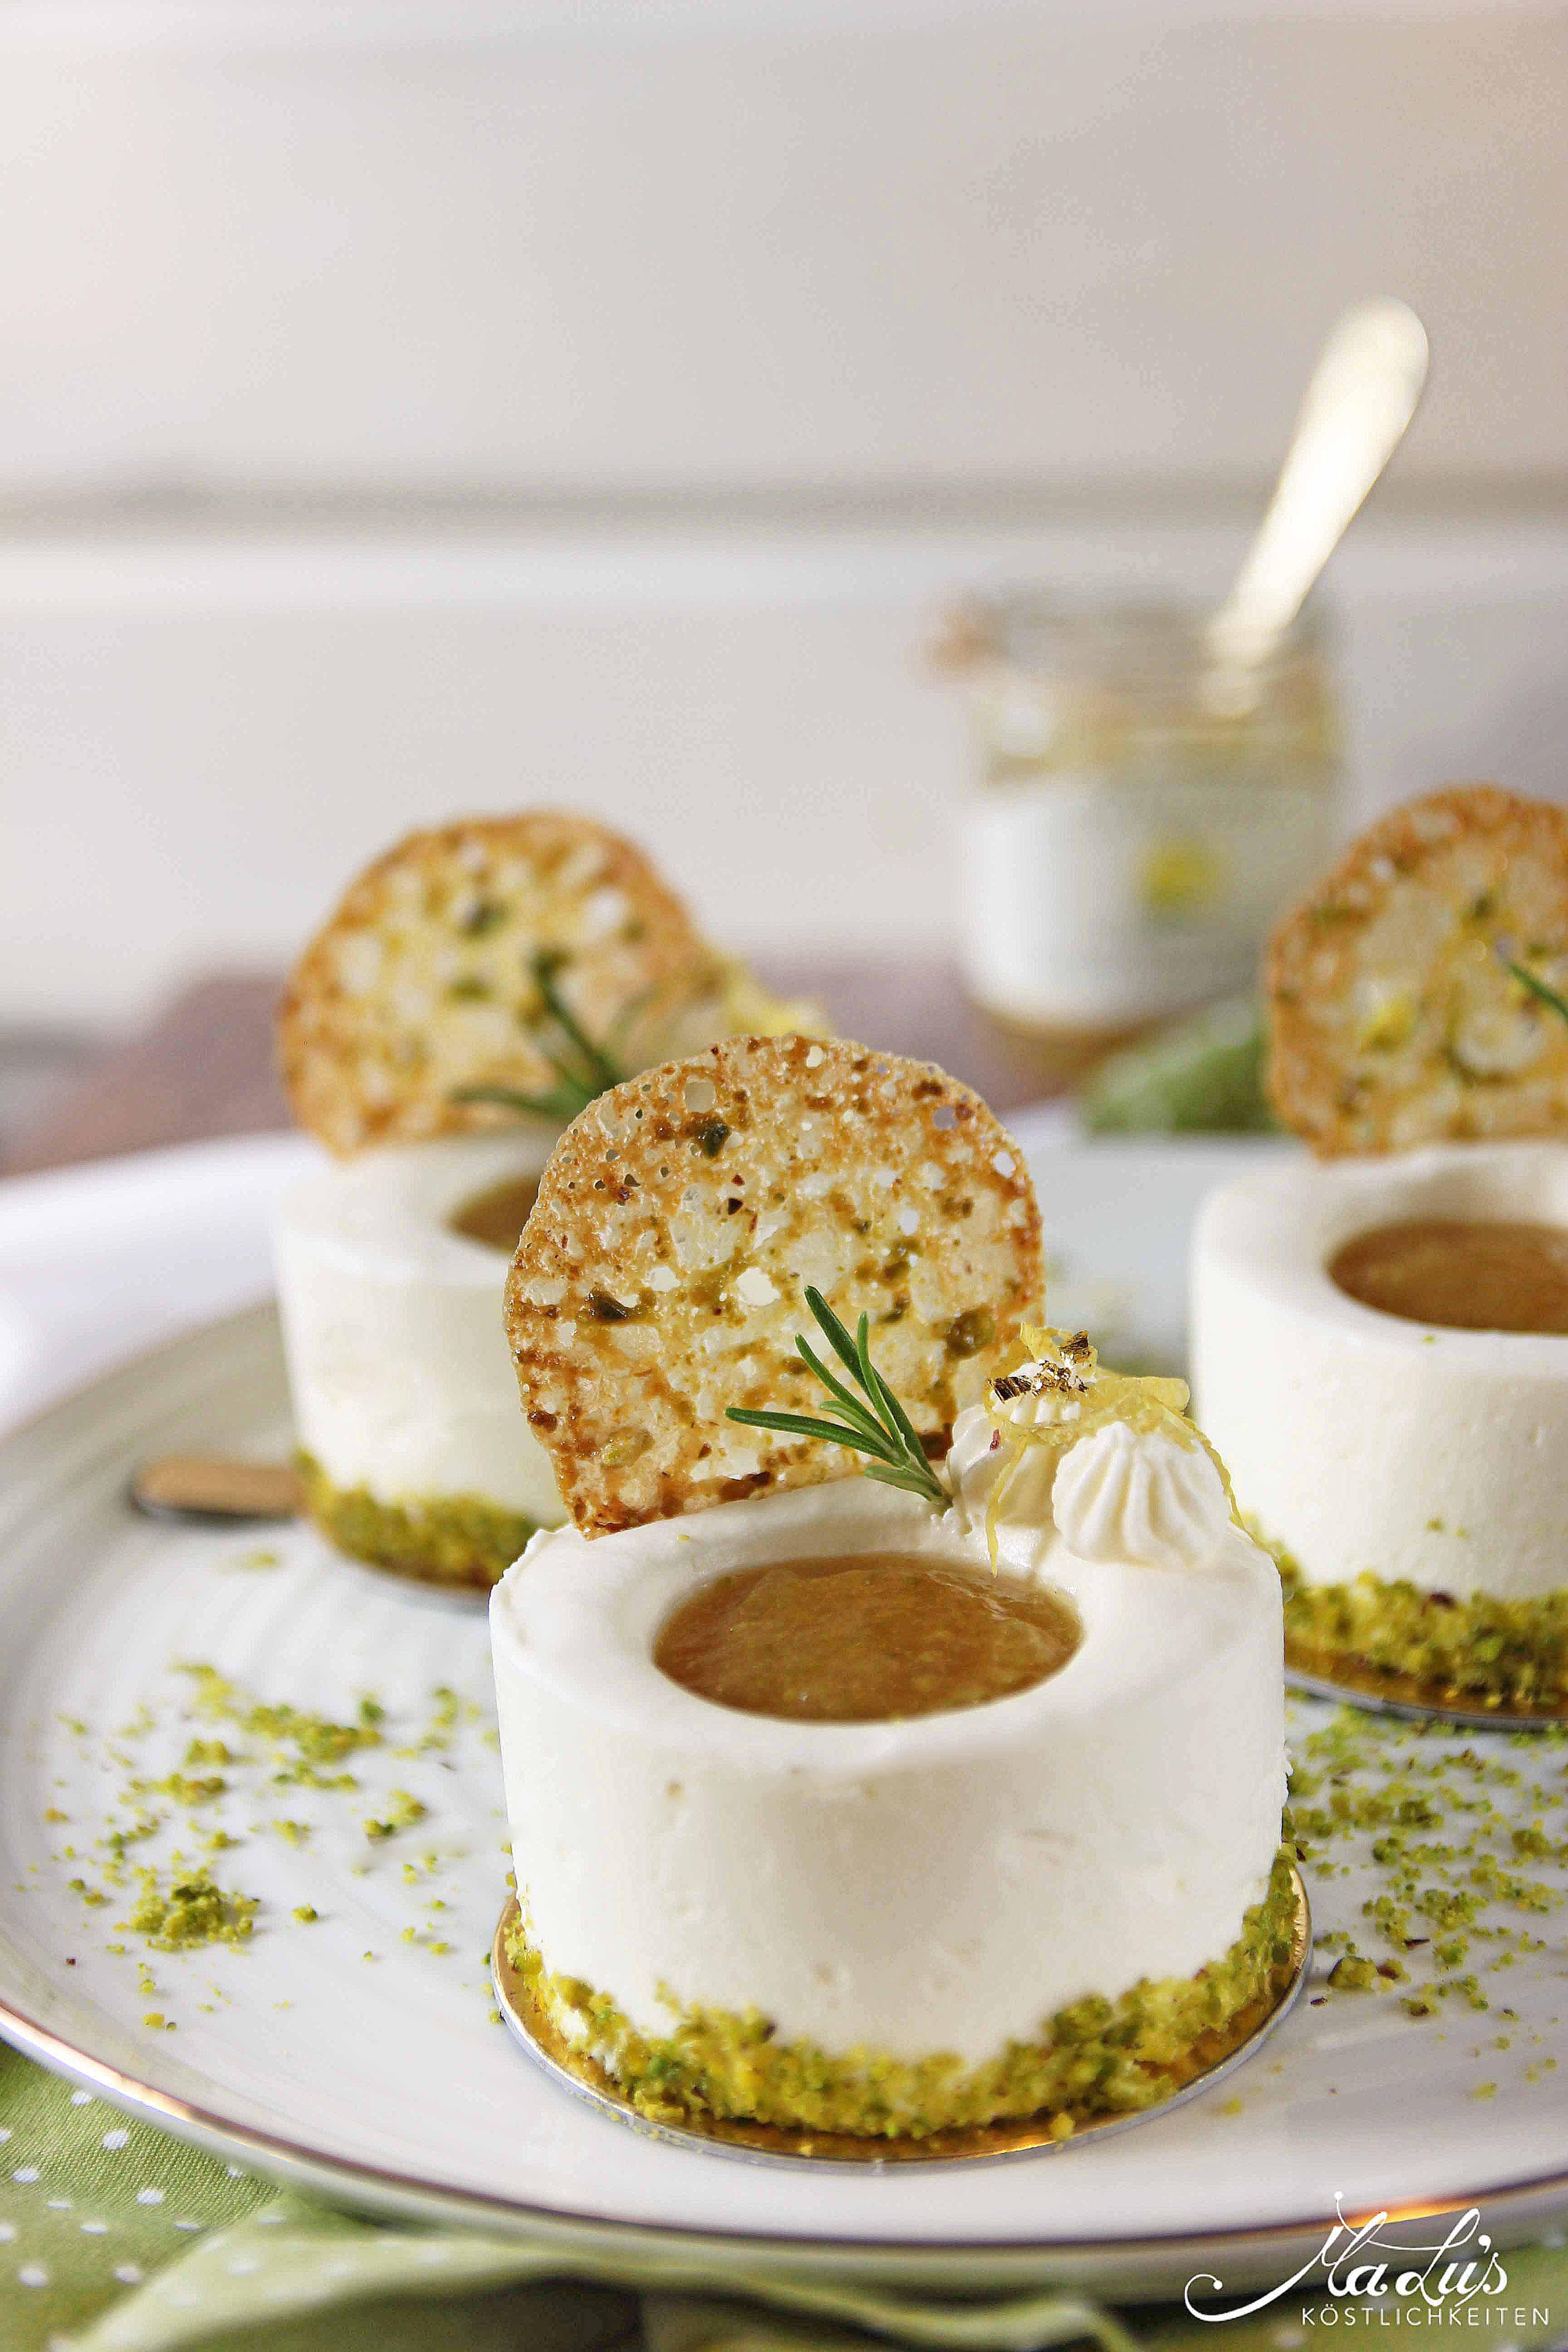 Frischkäse-Zitronentörtchen mit Limonen Marmellata & Pistazientuiles